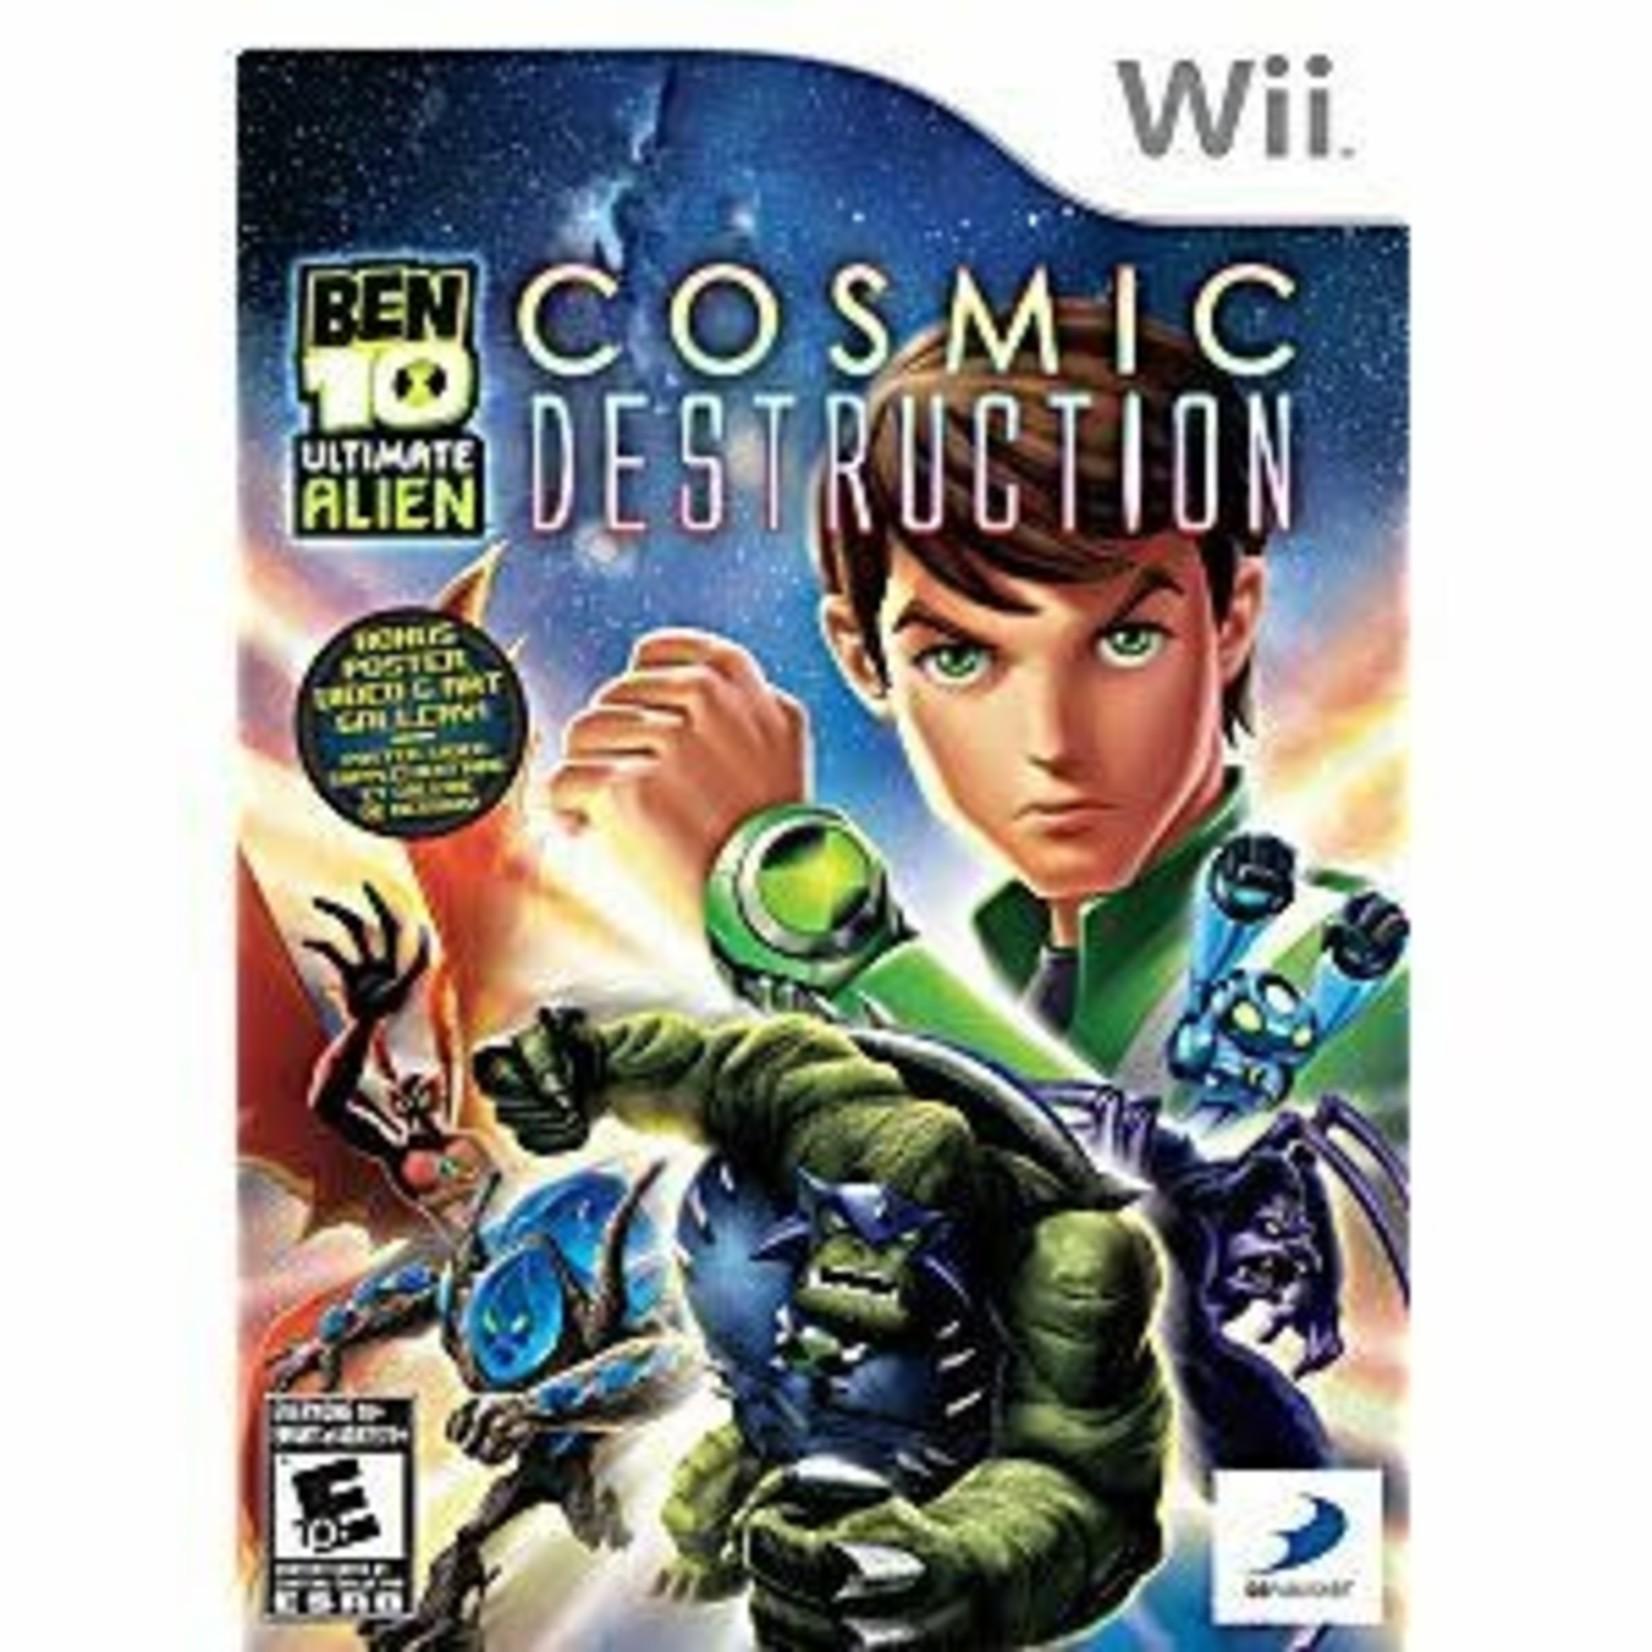 WIIUSD_Ben 10: Ultimate Alien